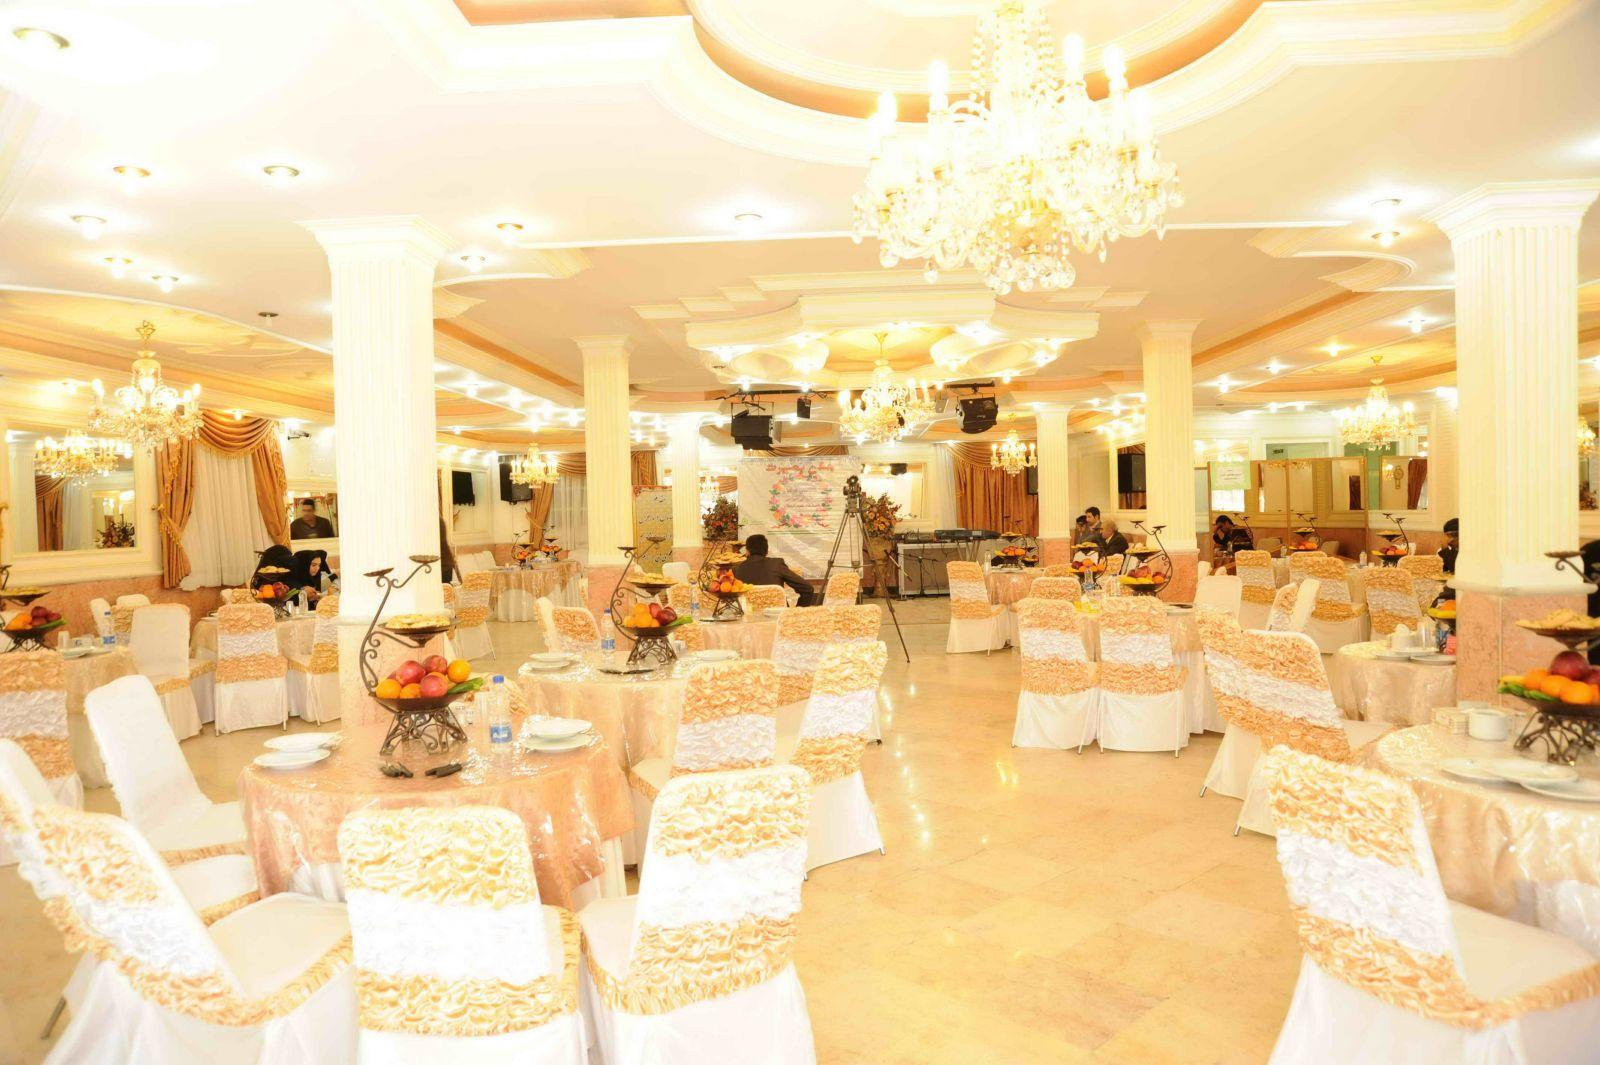 تالار عروسي غرب تهران